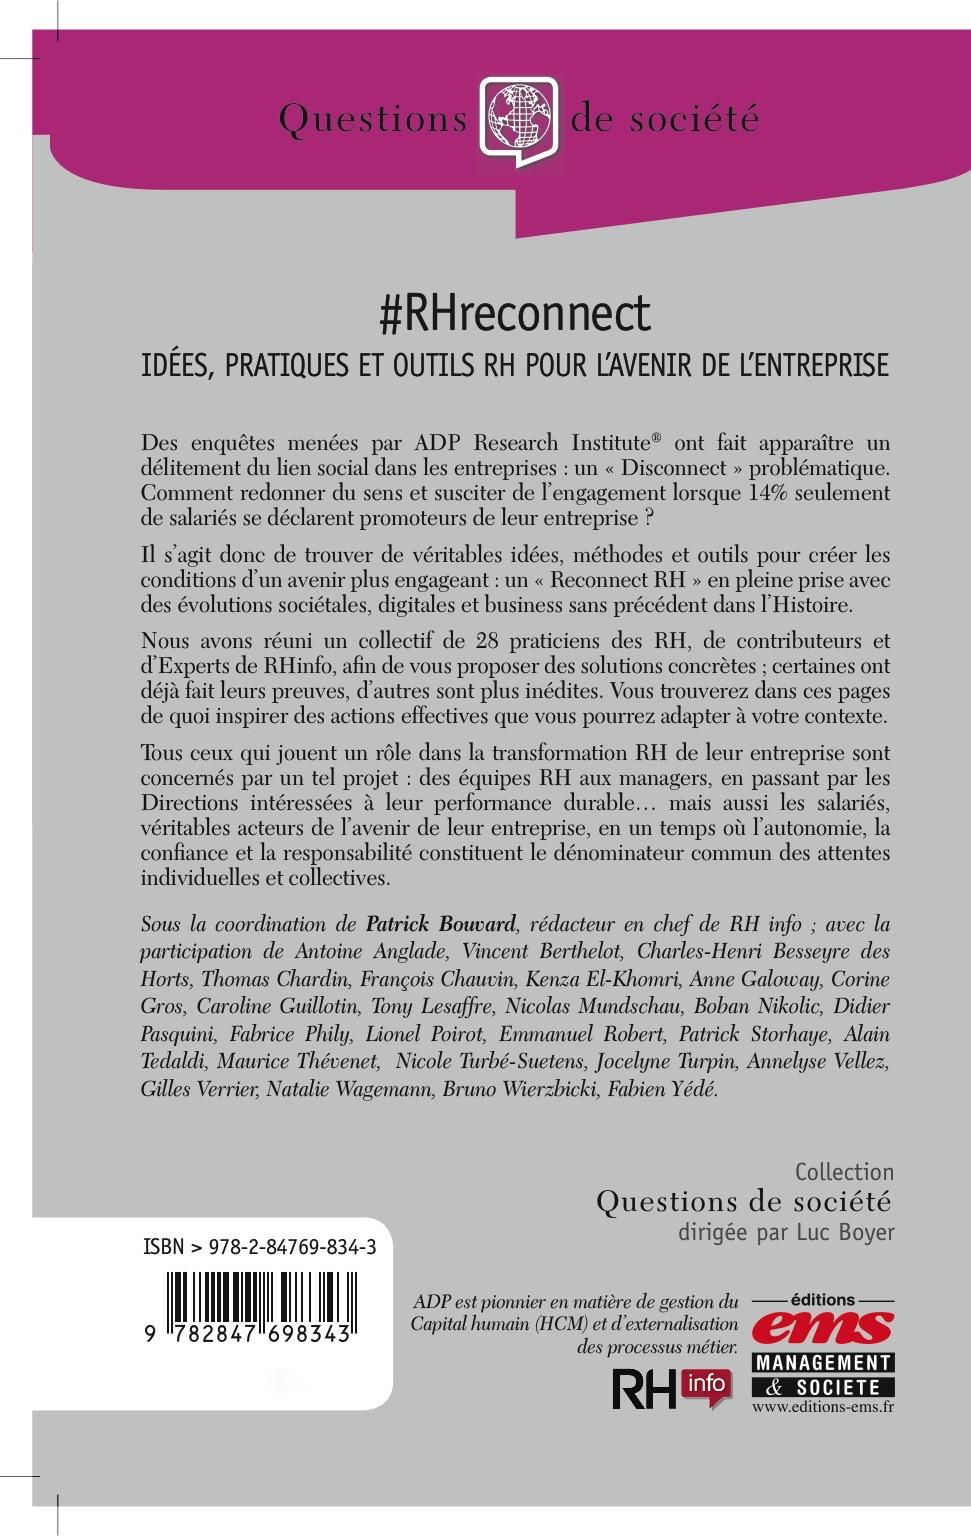 RHreconnect #RH